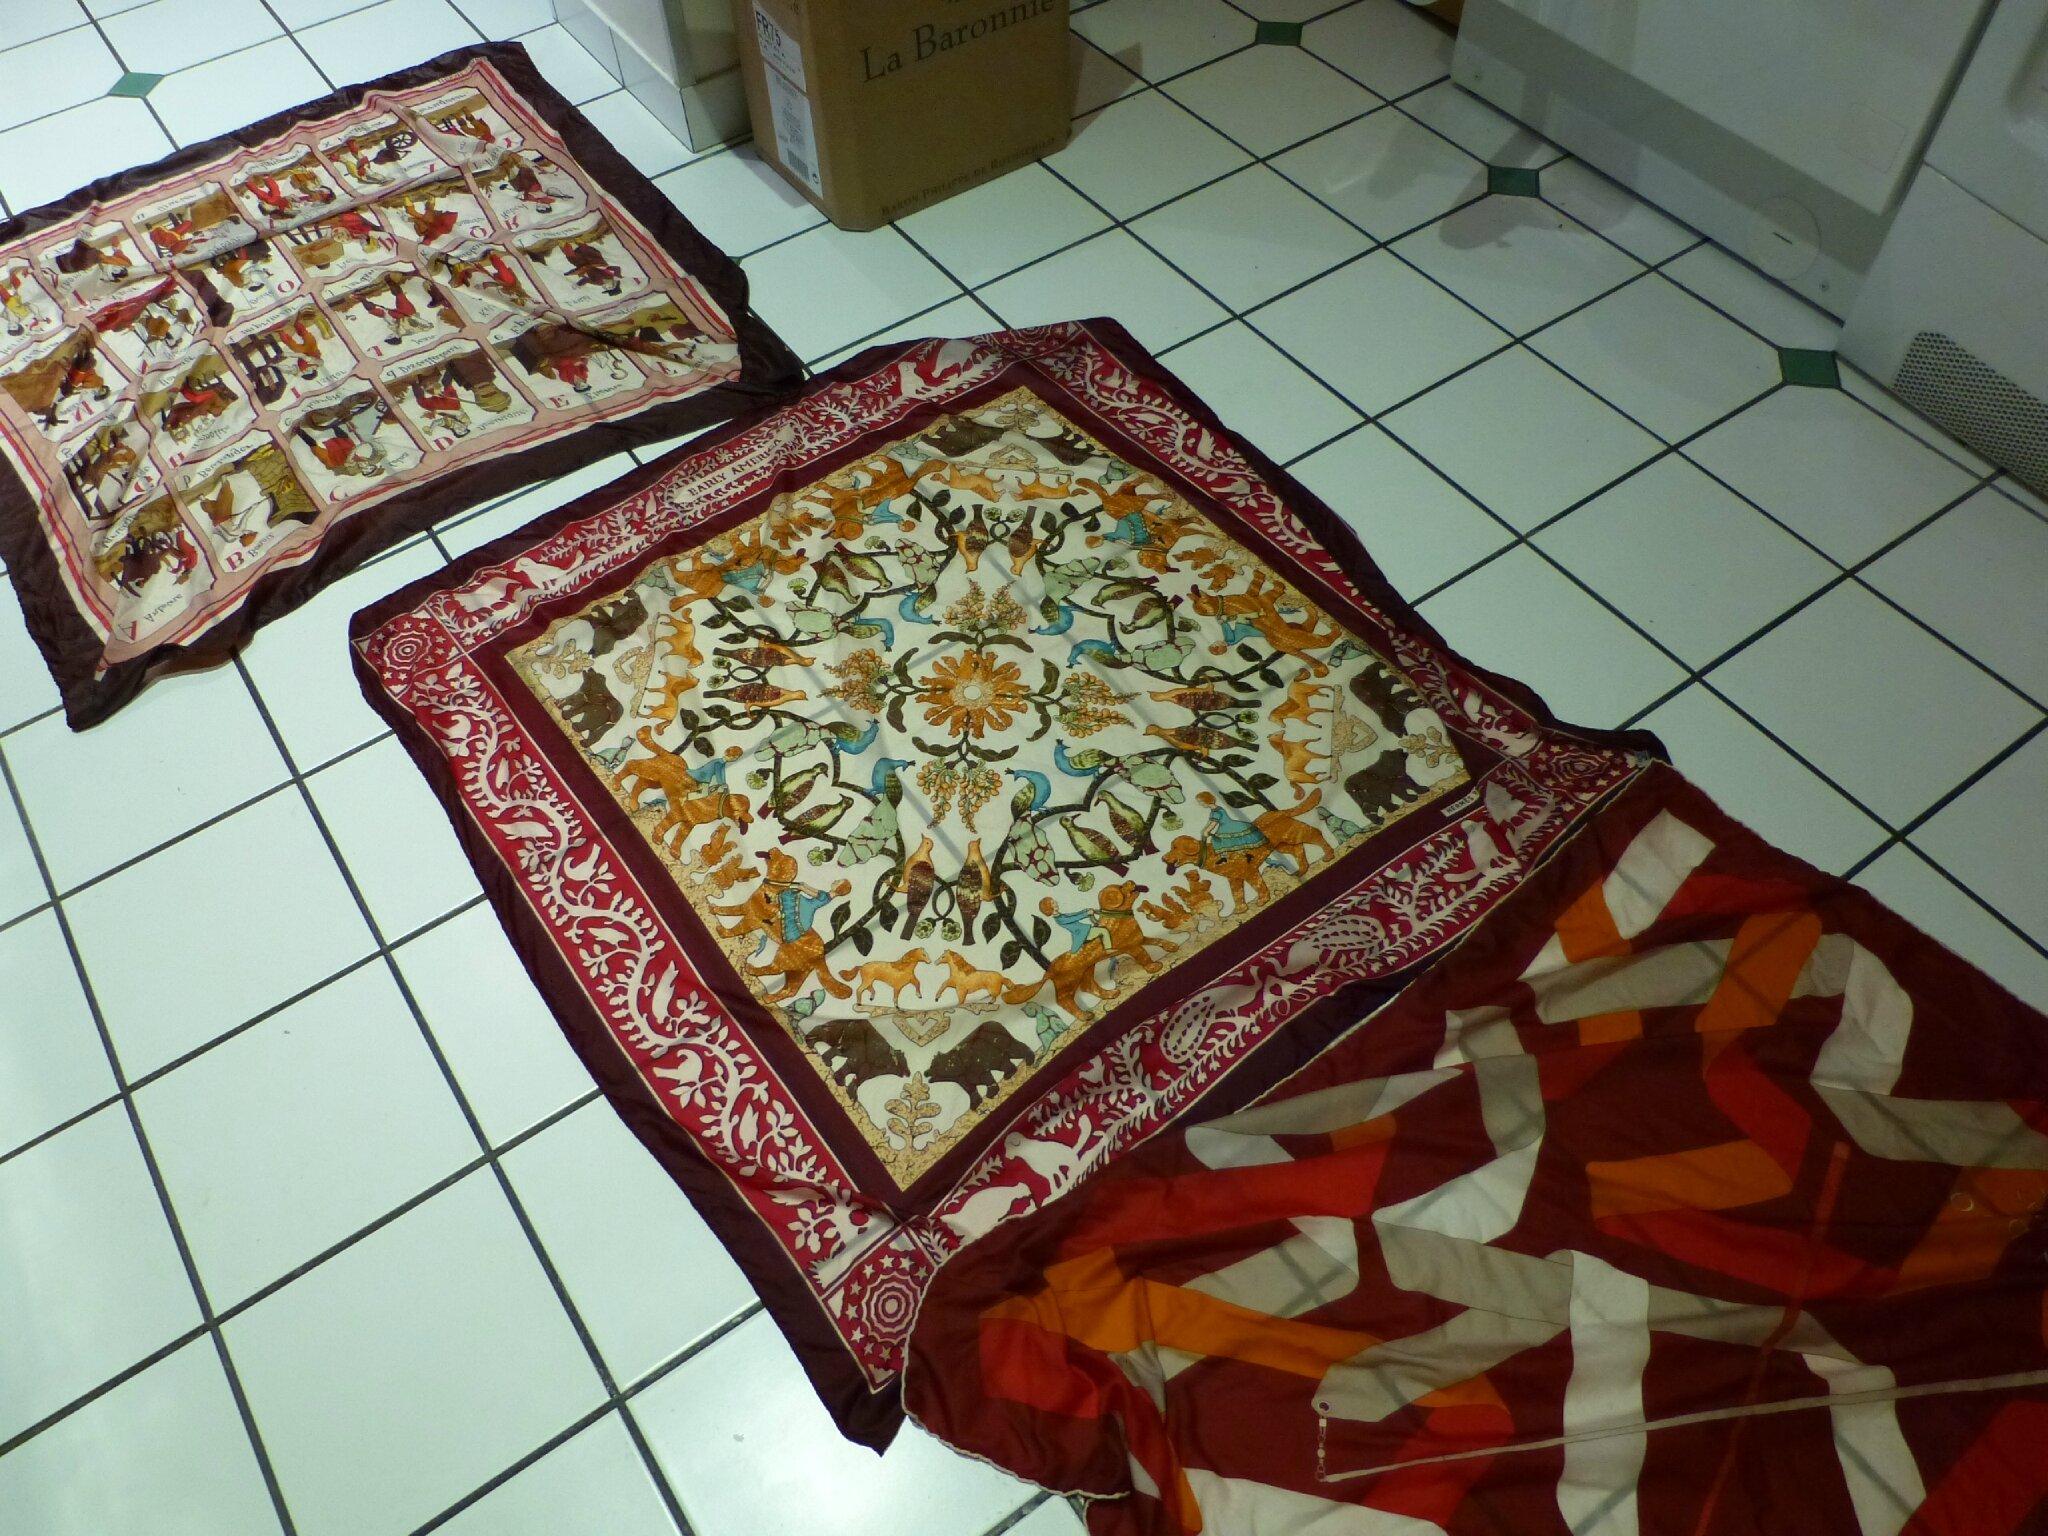 Bichonner les textiles délicats - Bigmammy en ligne b86e958150d